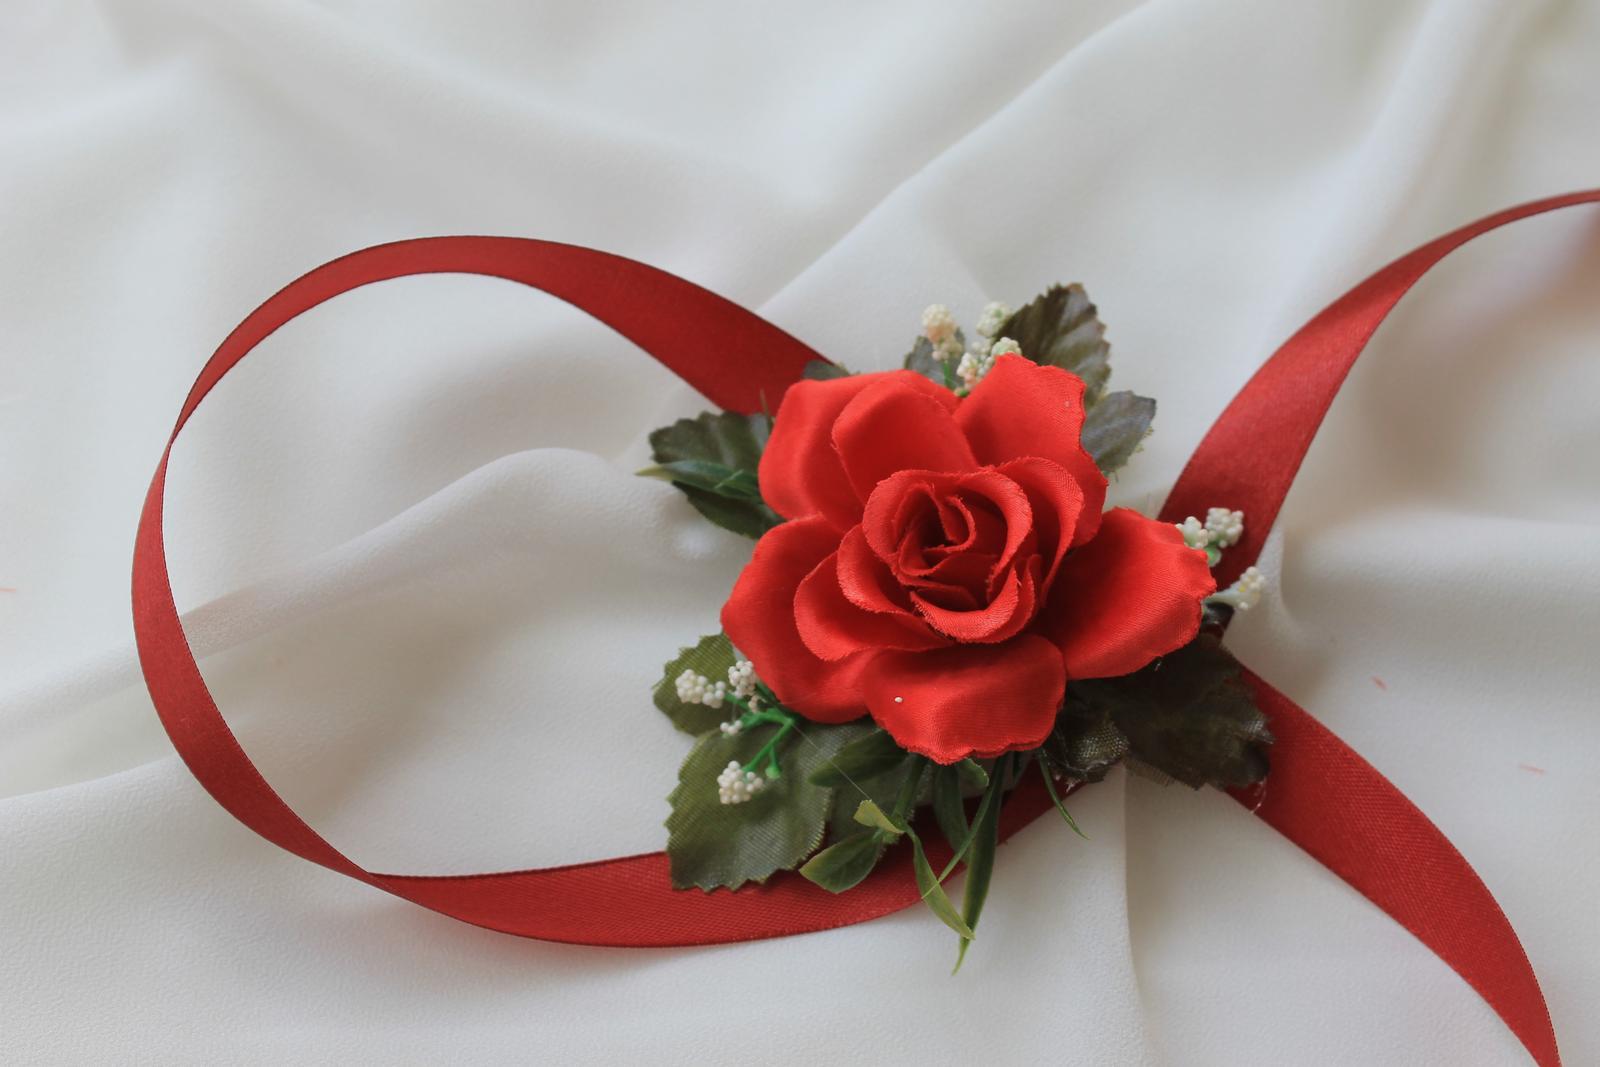 Kvetinové náramky pre družičky - červená ruža - Obrázok č. 3